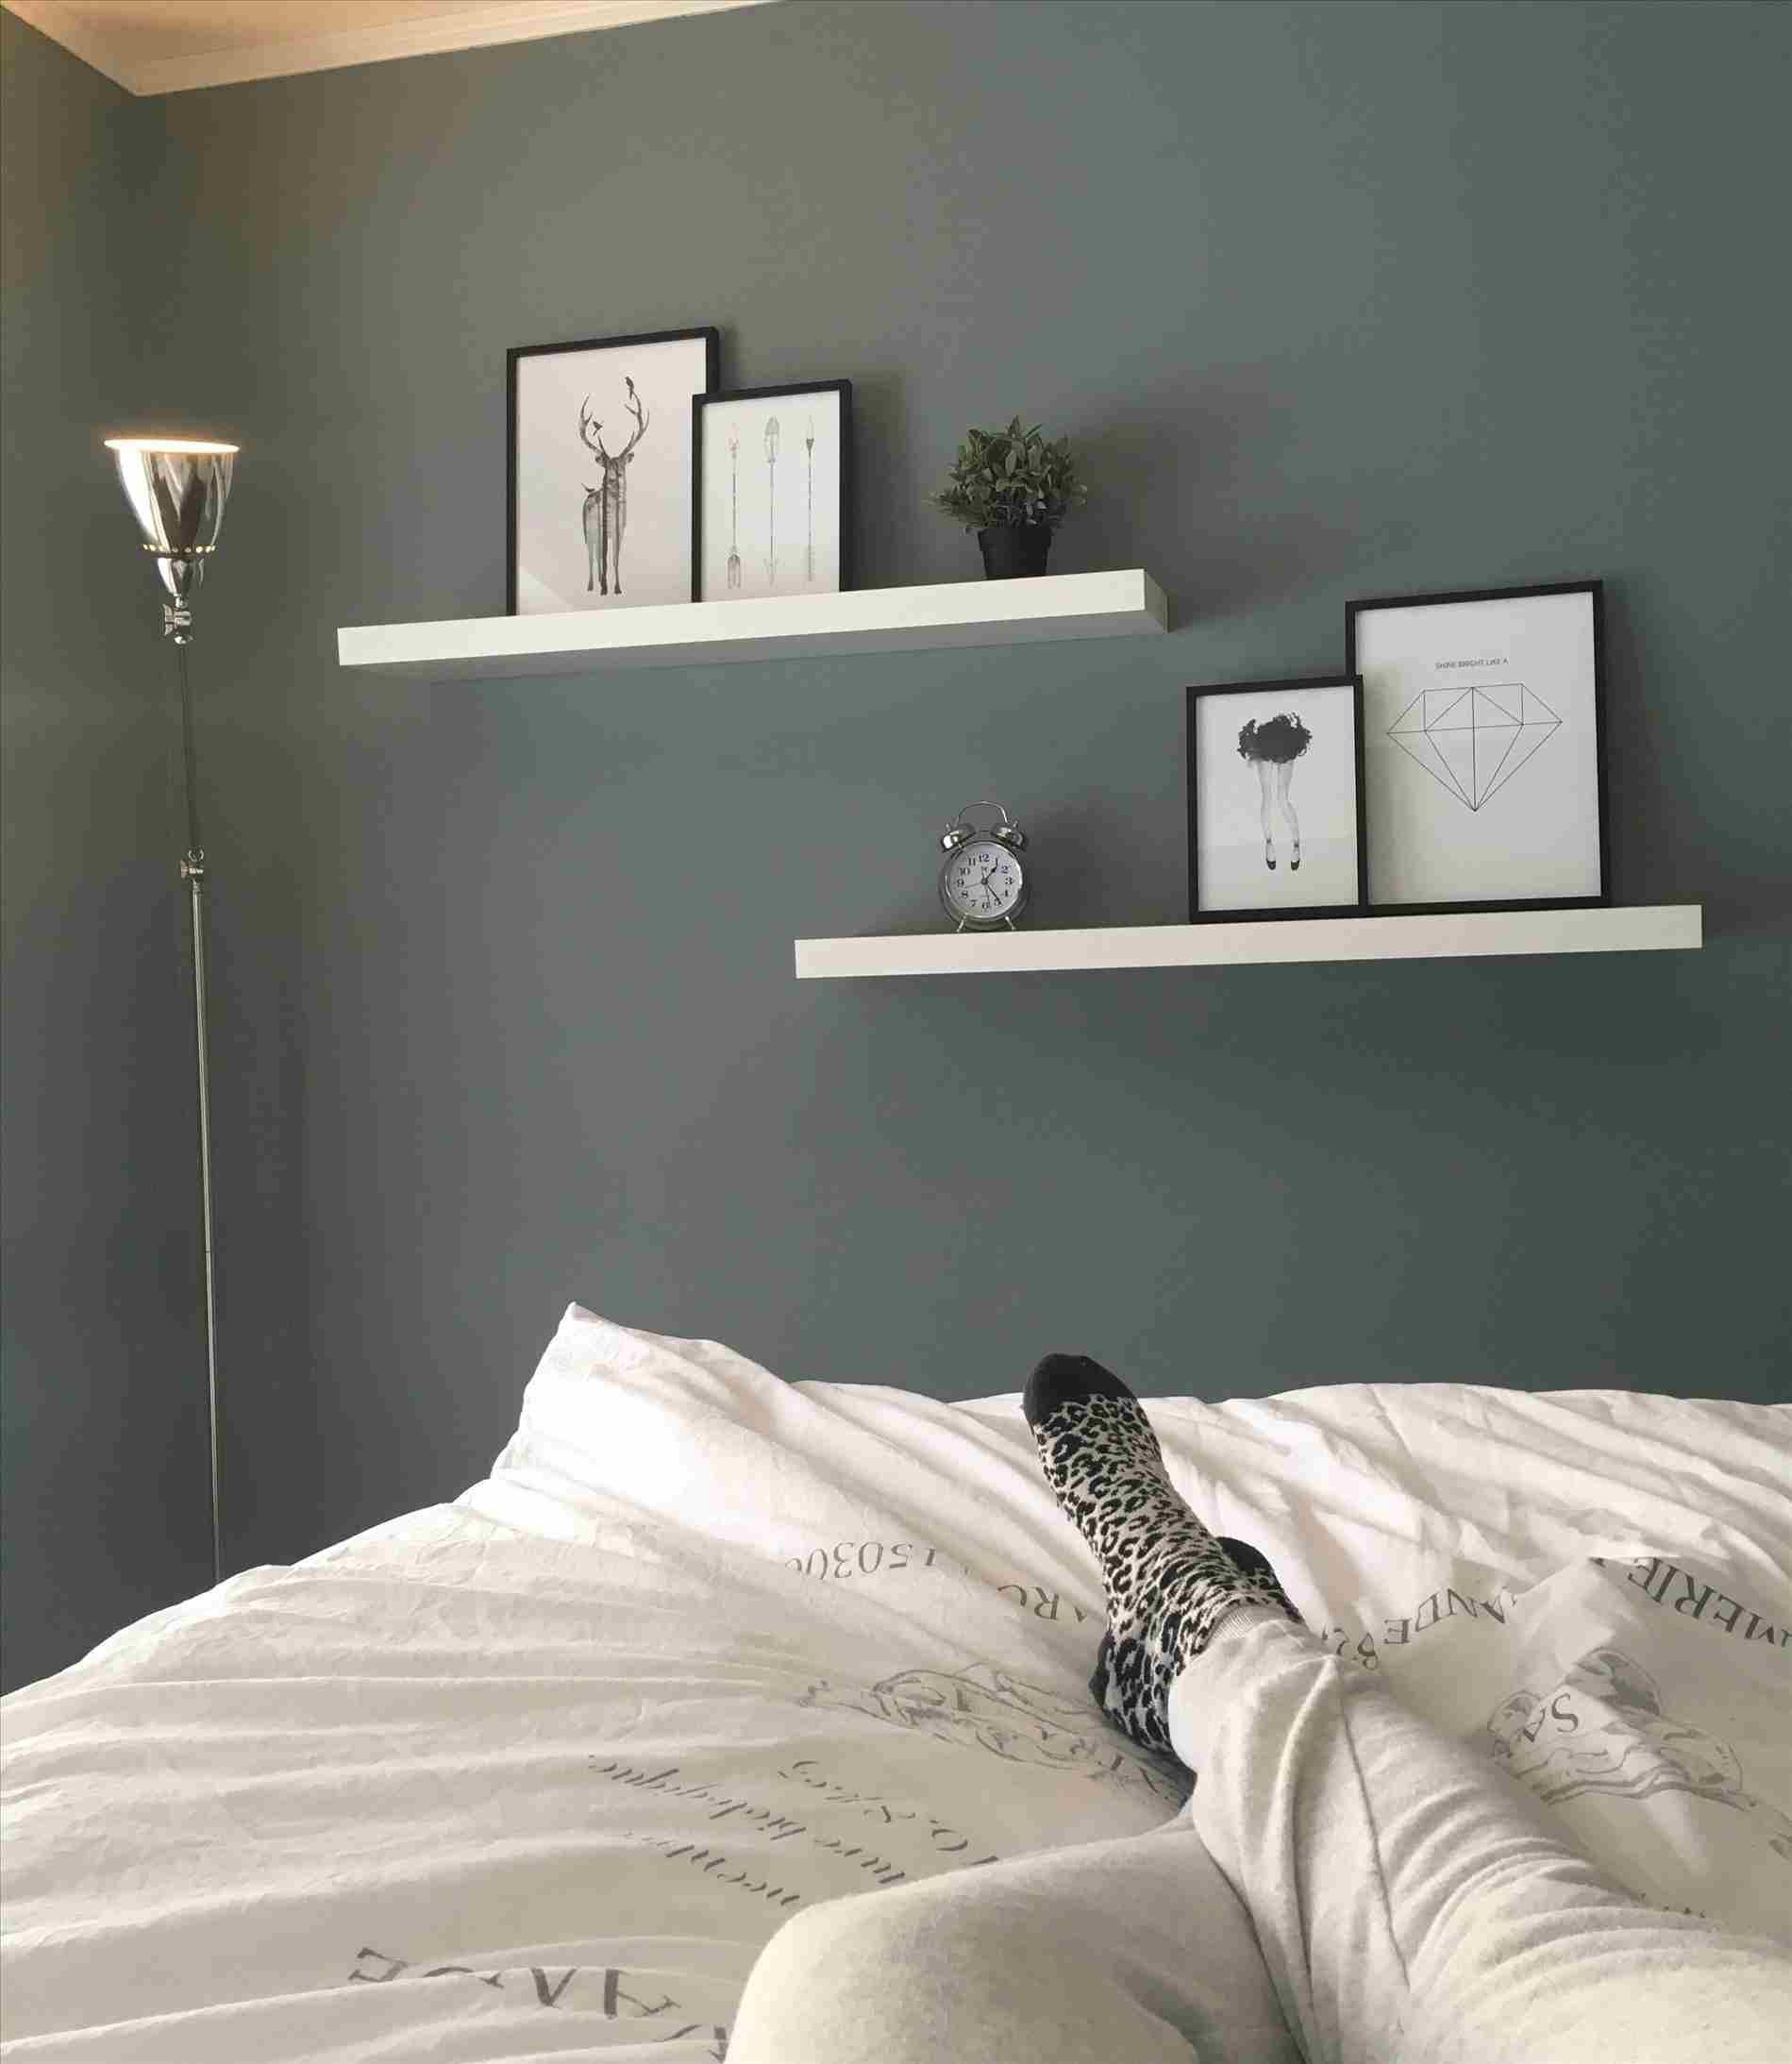 Schlafzimmer Farben: Zimmer Farbe Kombination Schlafzimmer Farben Deck Fleck